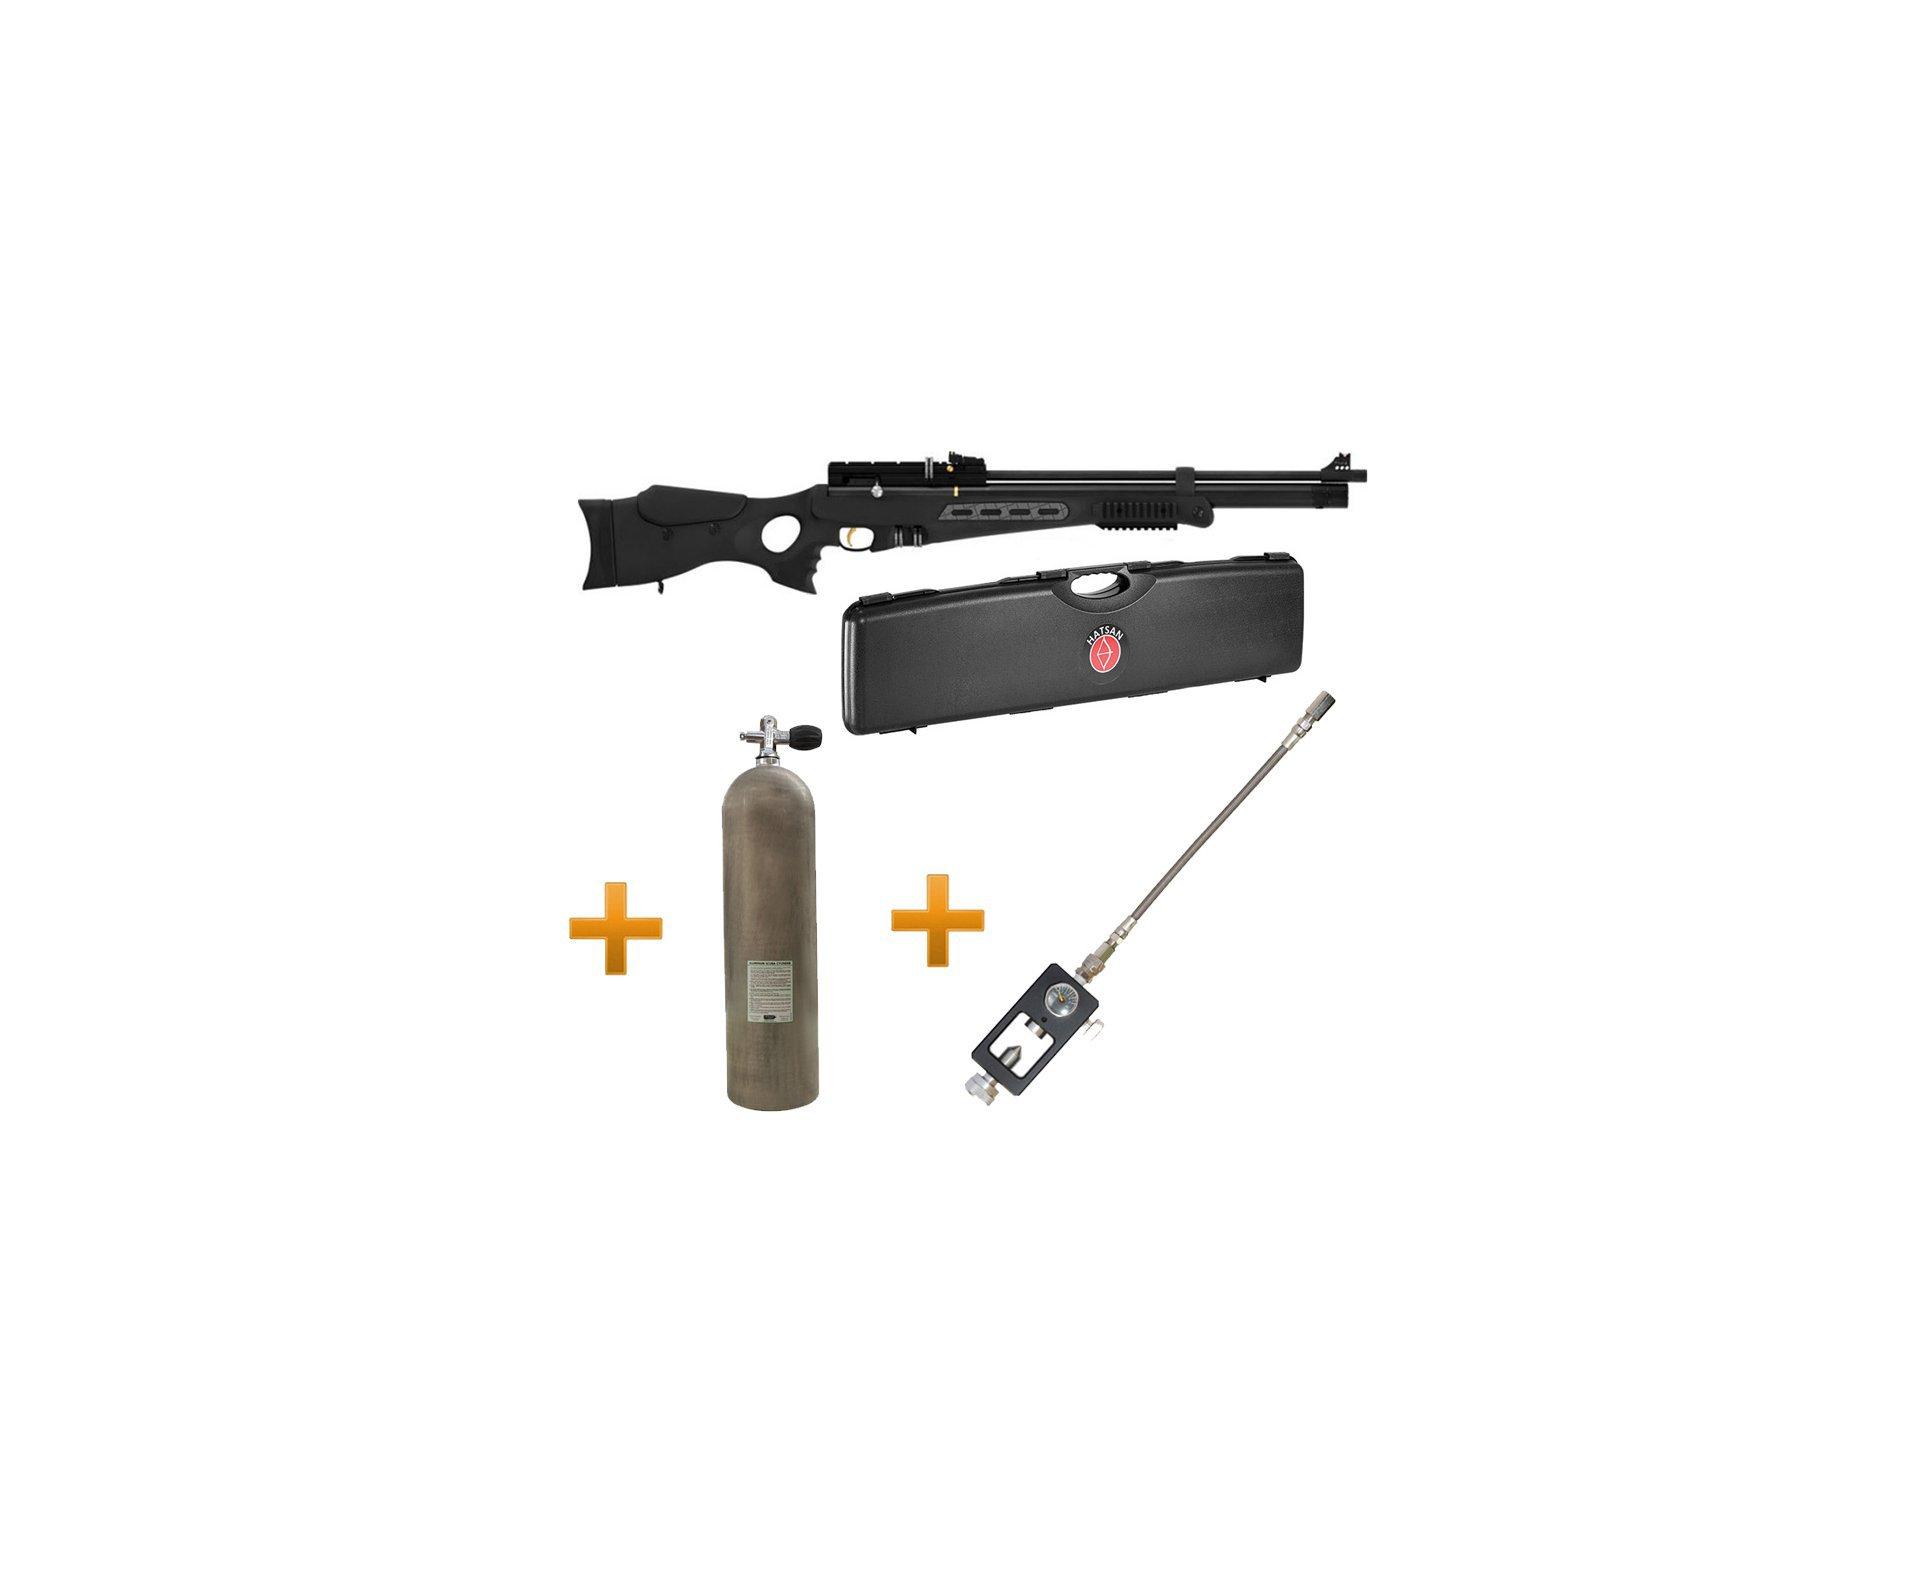 Carabina Pcp Hatsan Bt65sb Elite 5,5 + Case + Scuba 11,1lts + Adaptador Recarga